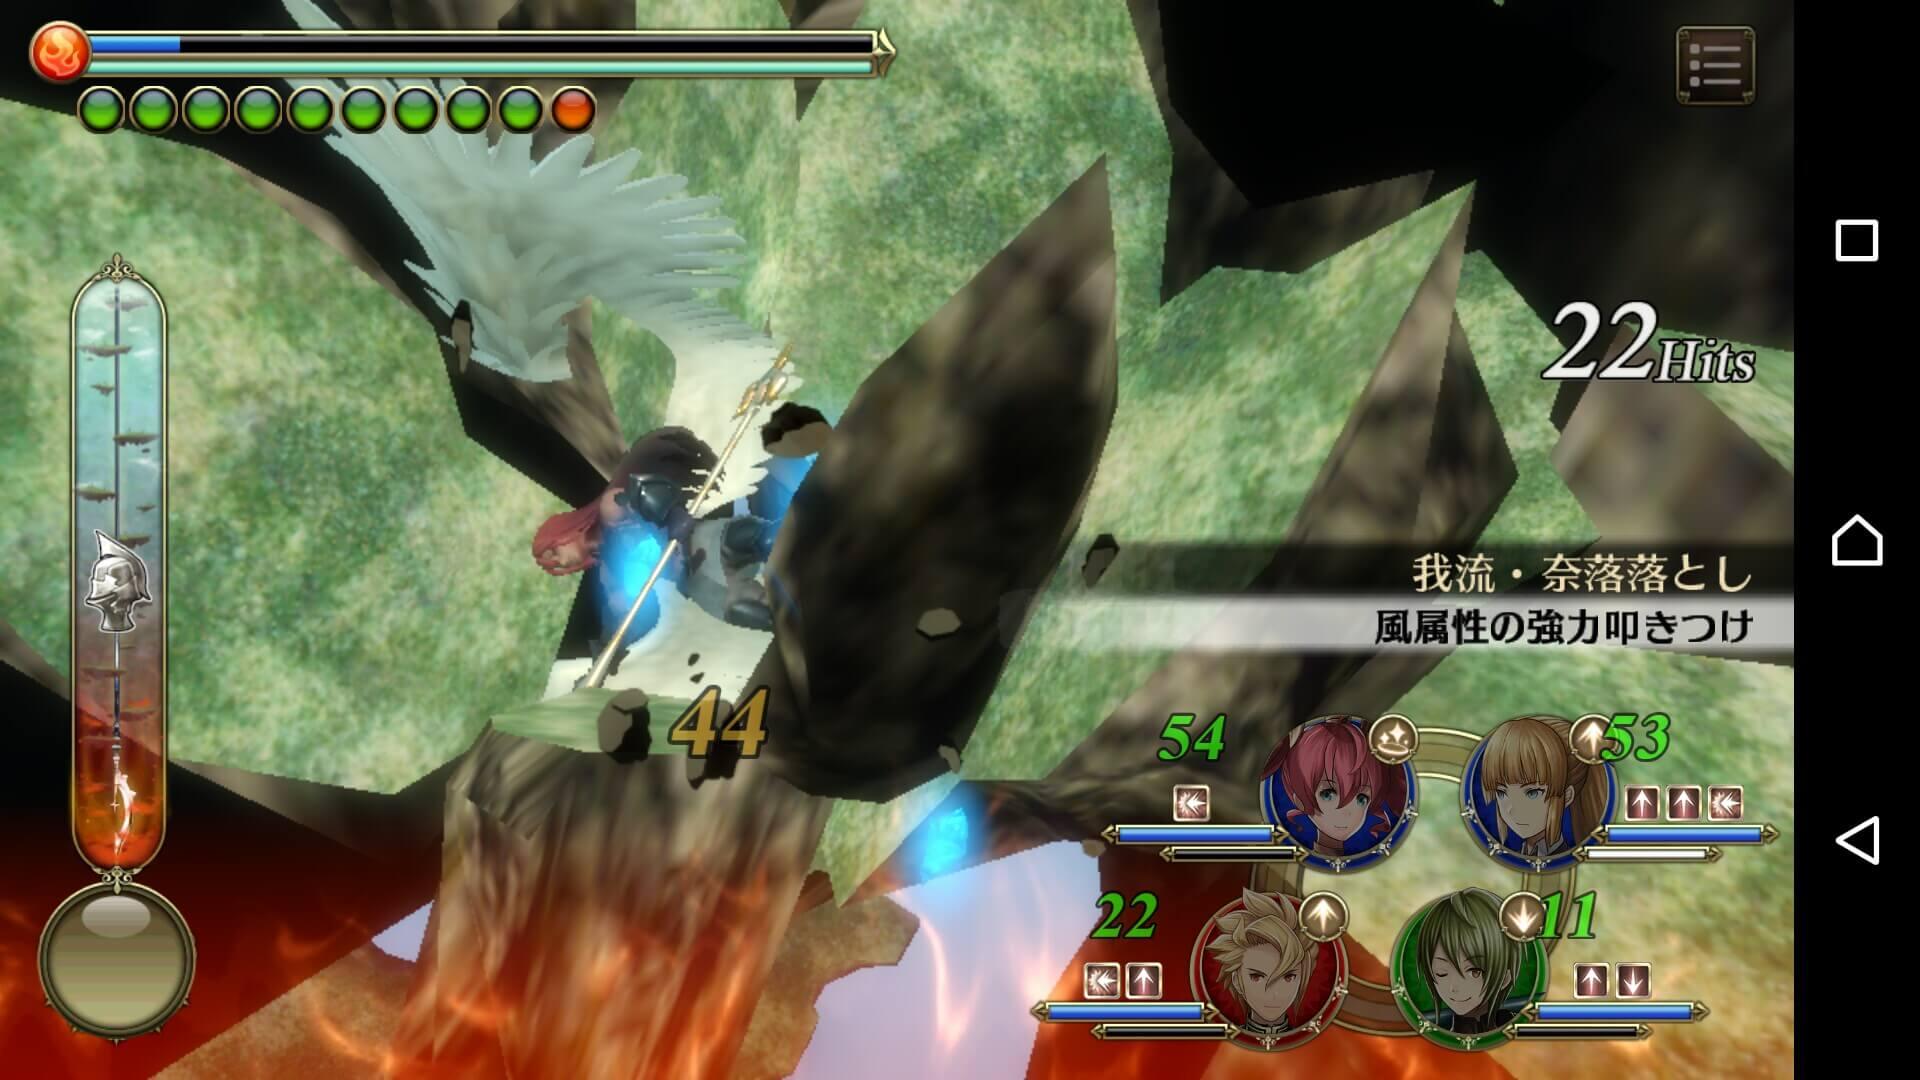 Heaven×Inferno16 スキル発動で敵を叩きつける